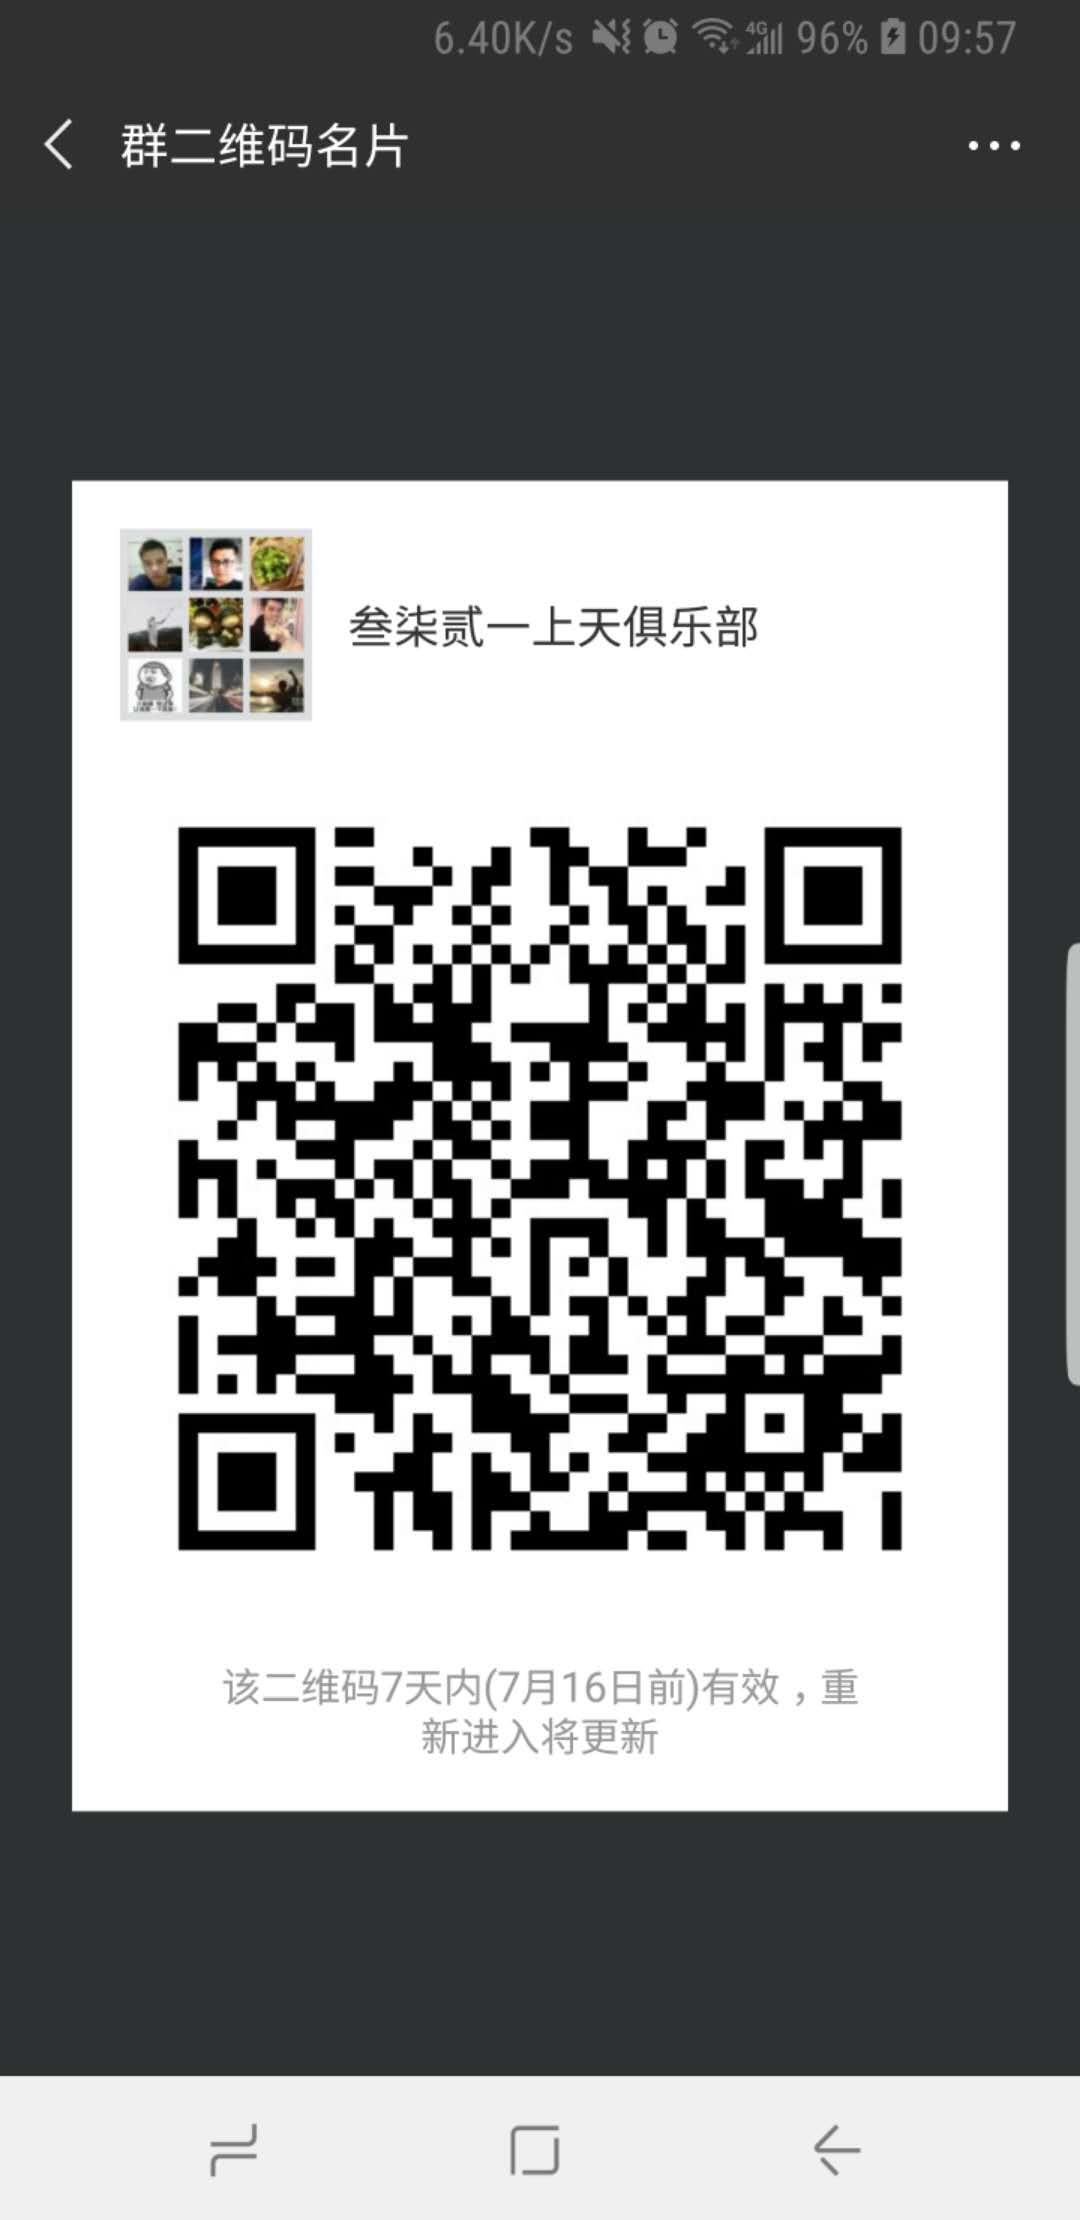 微信图片_20180709095929.jpg